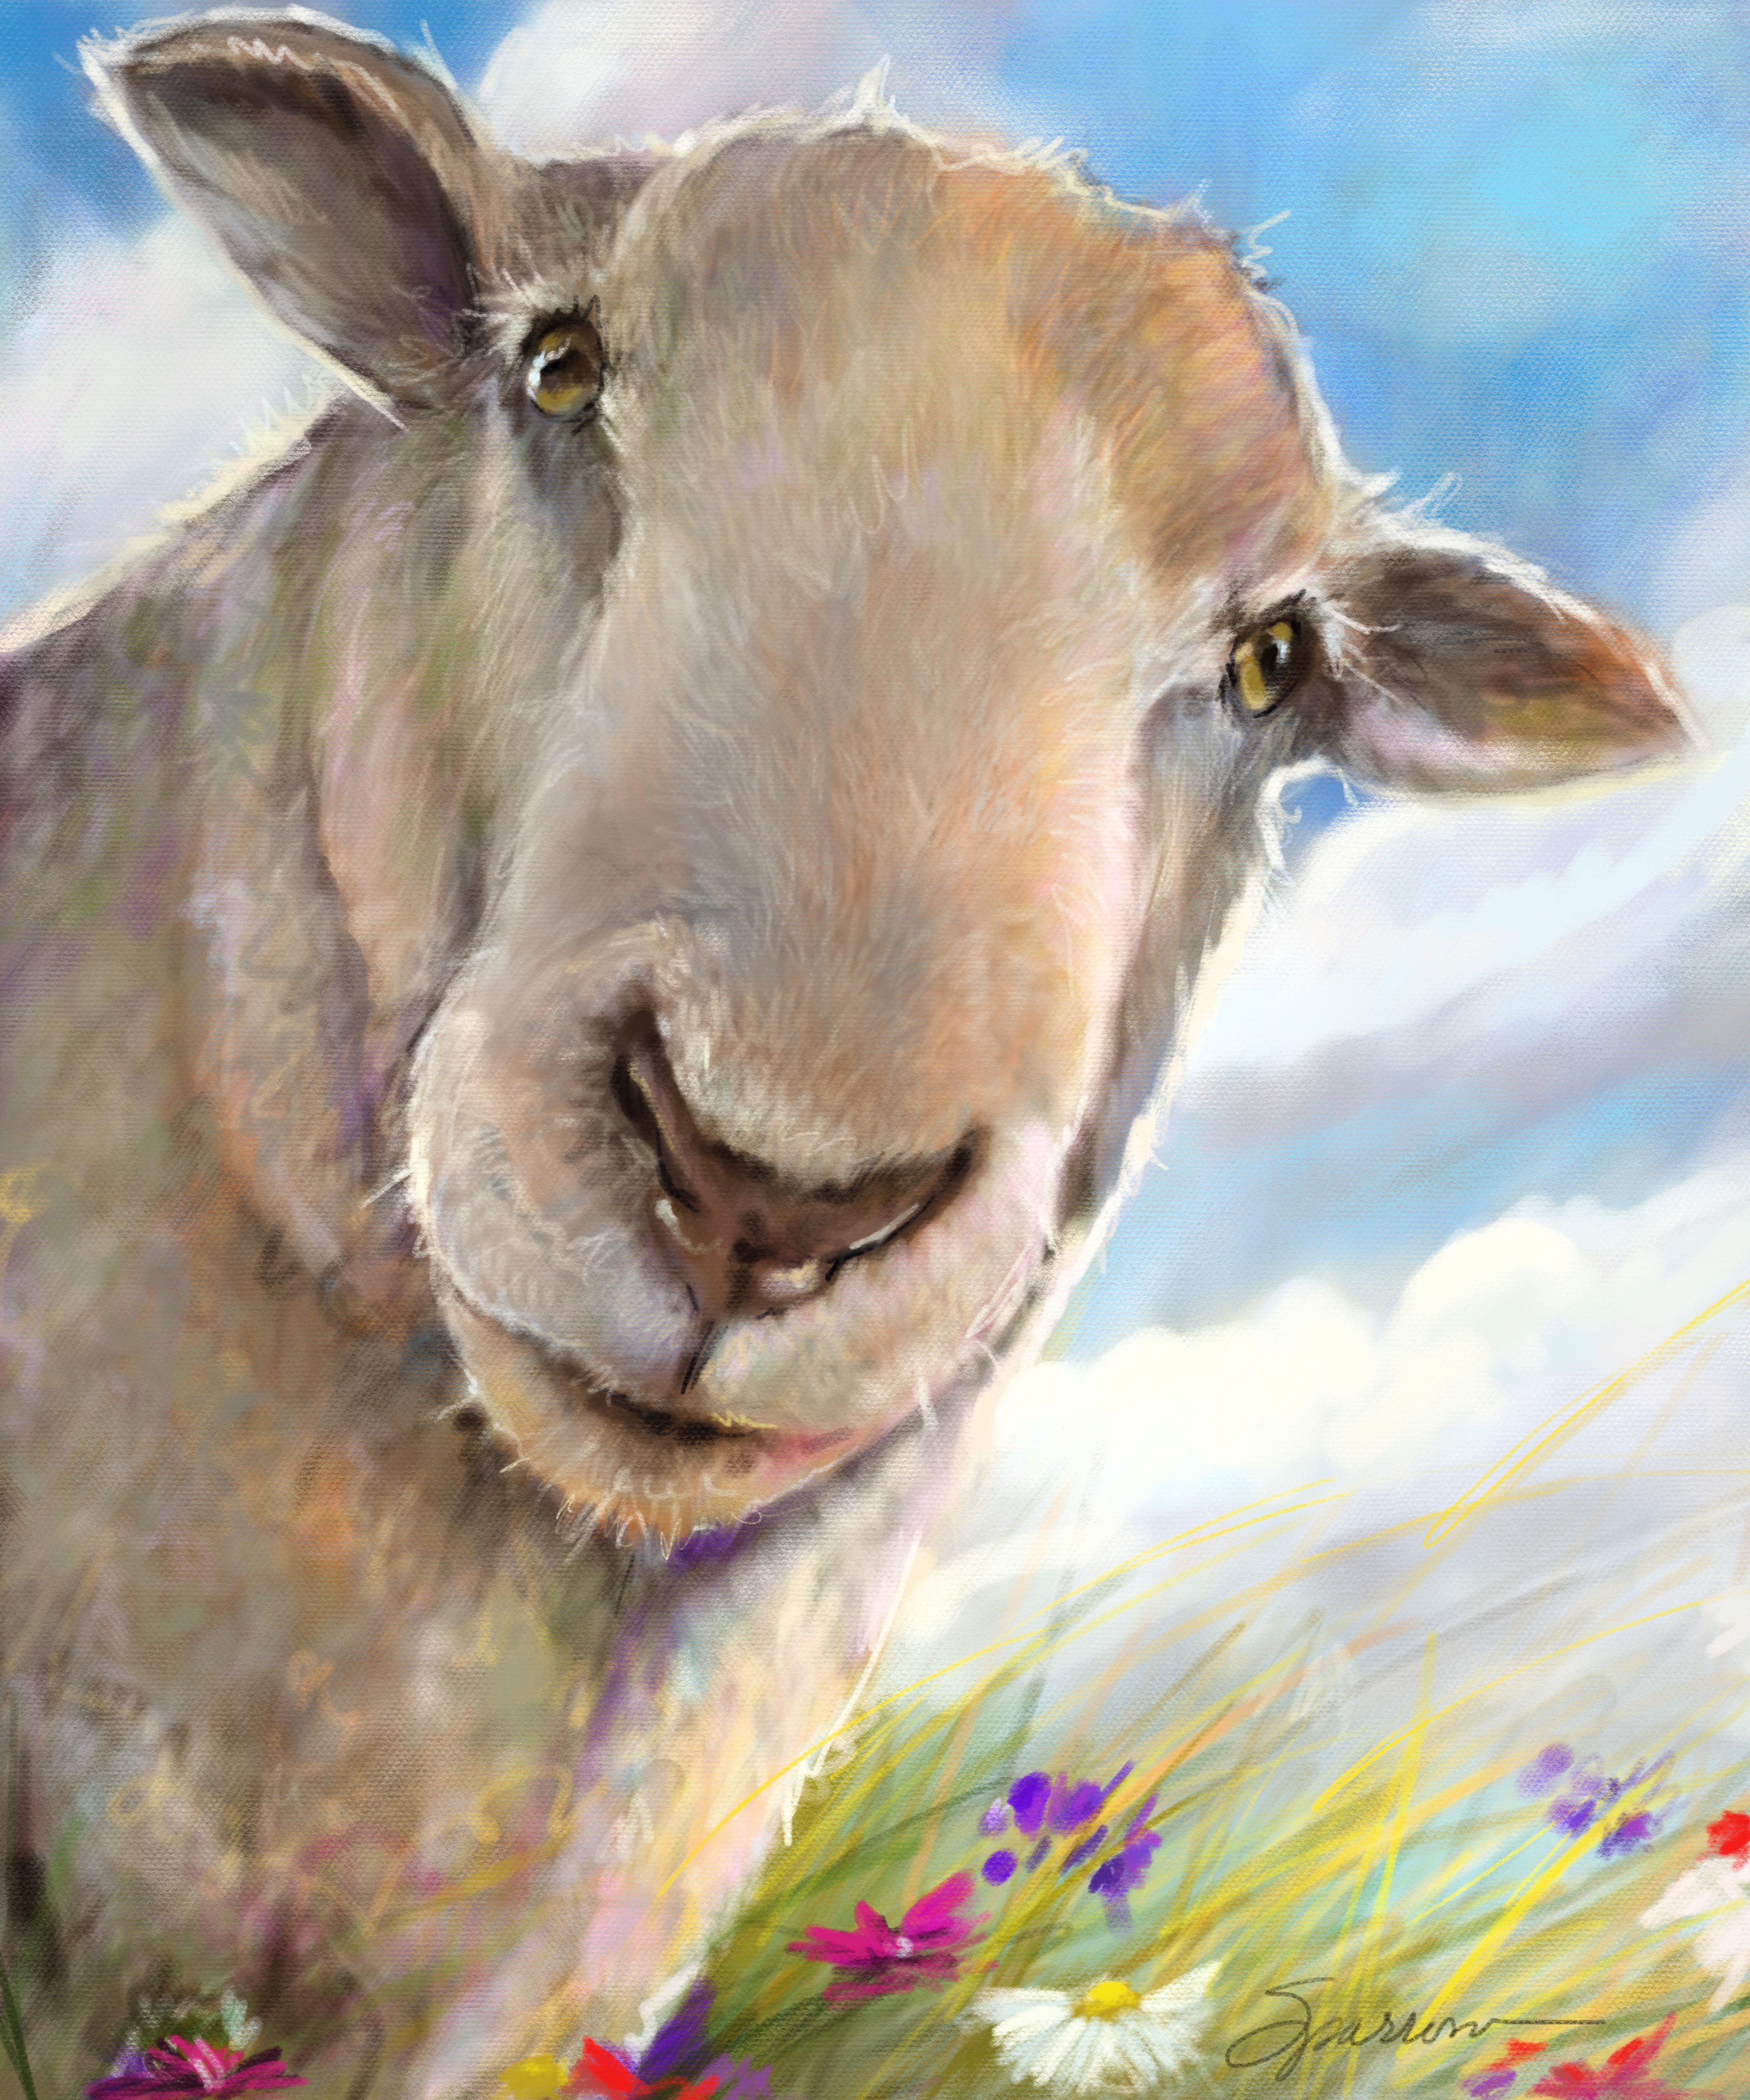 Eyes on Ewe